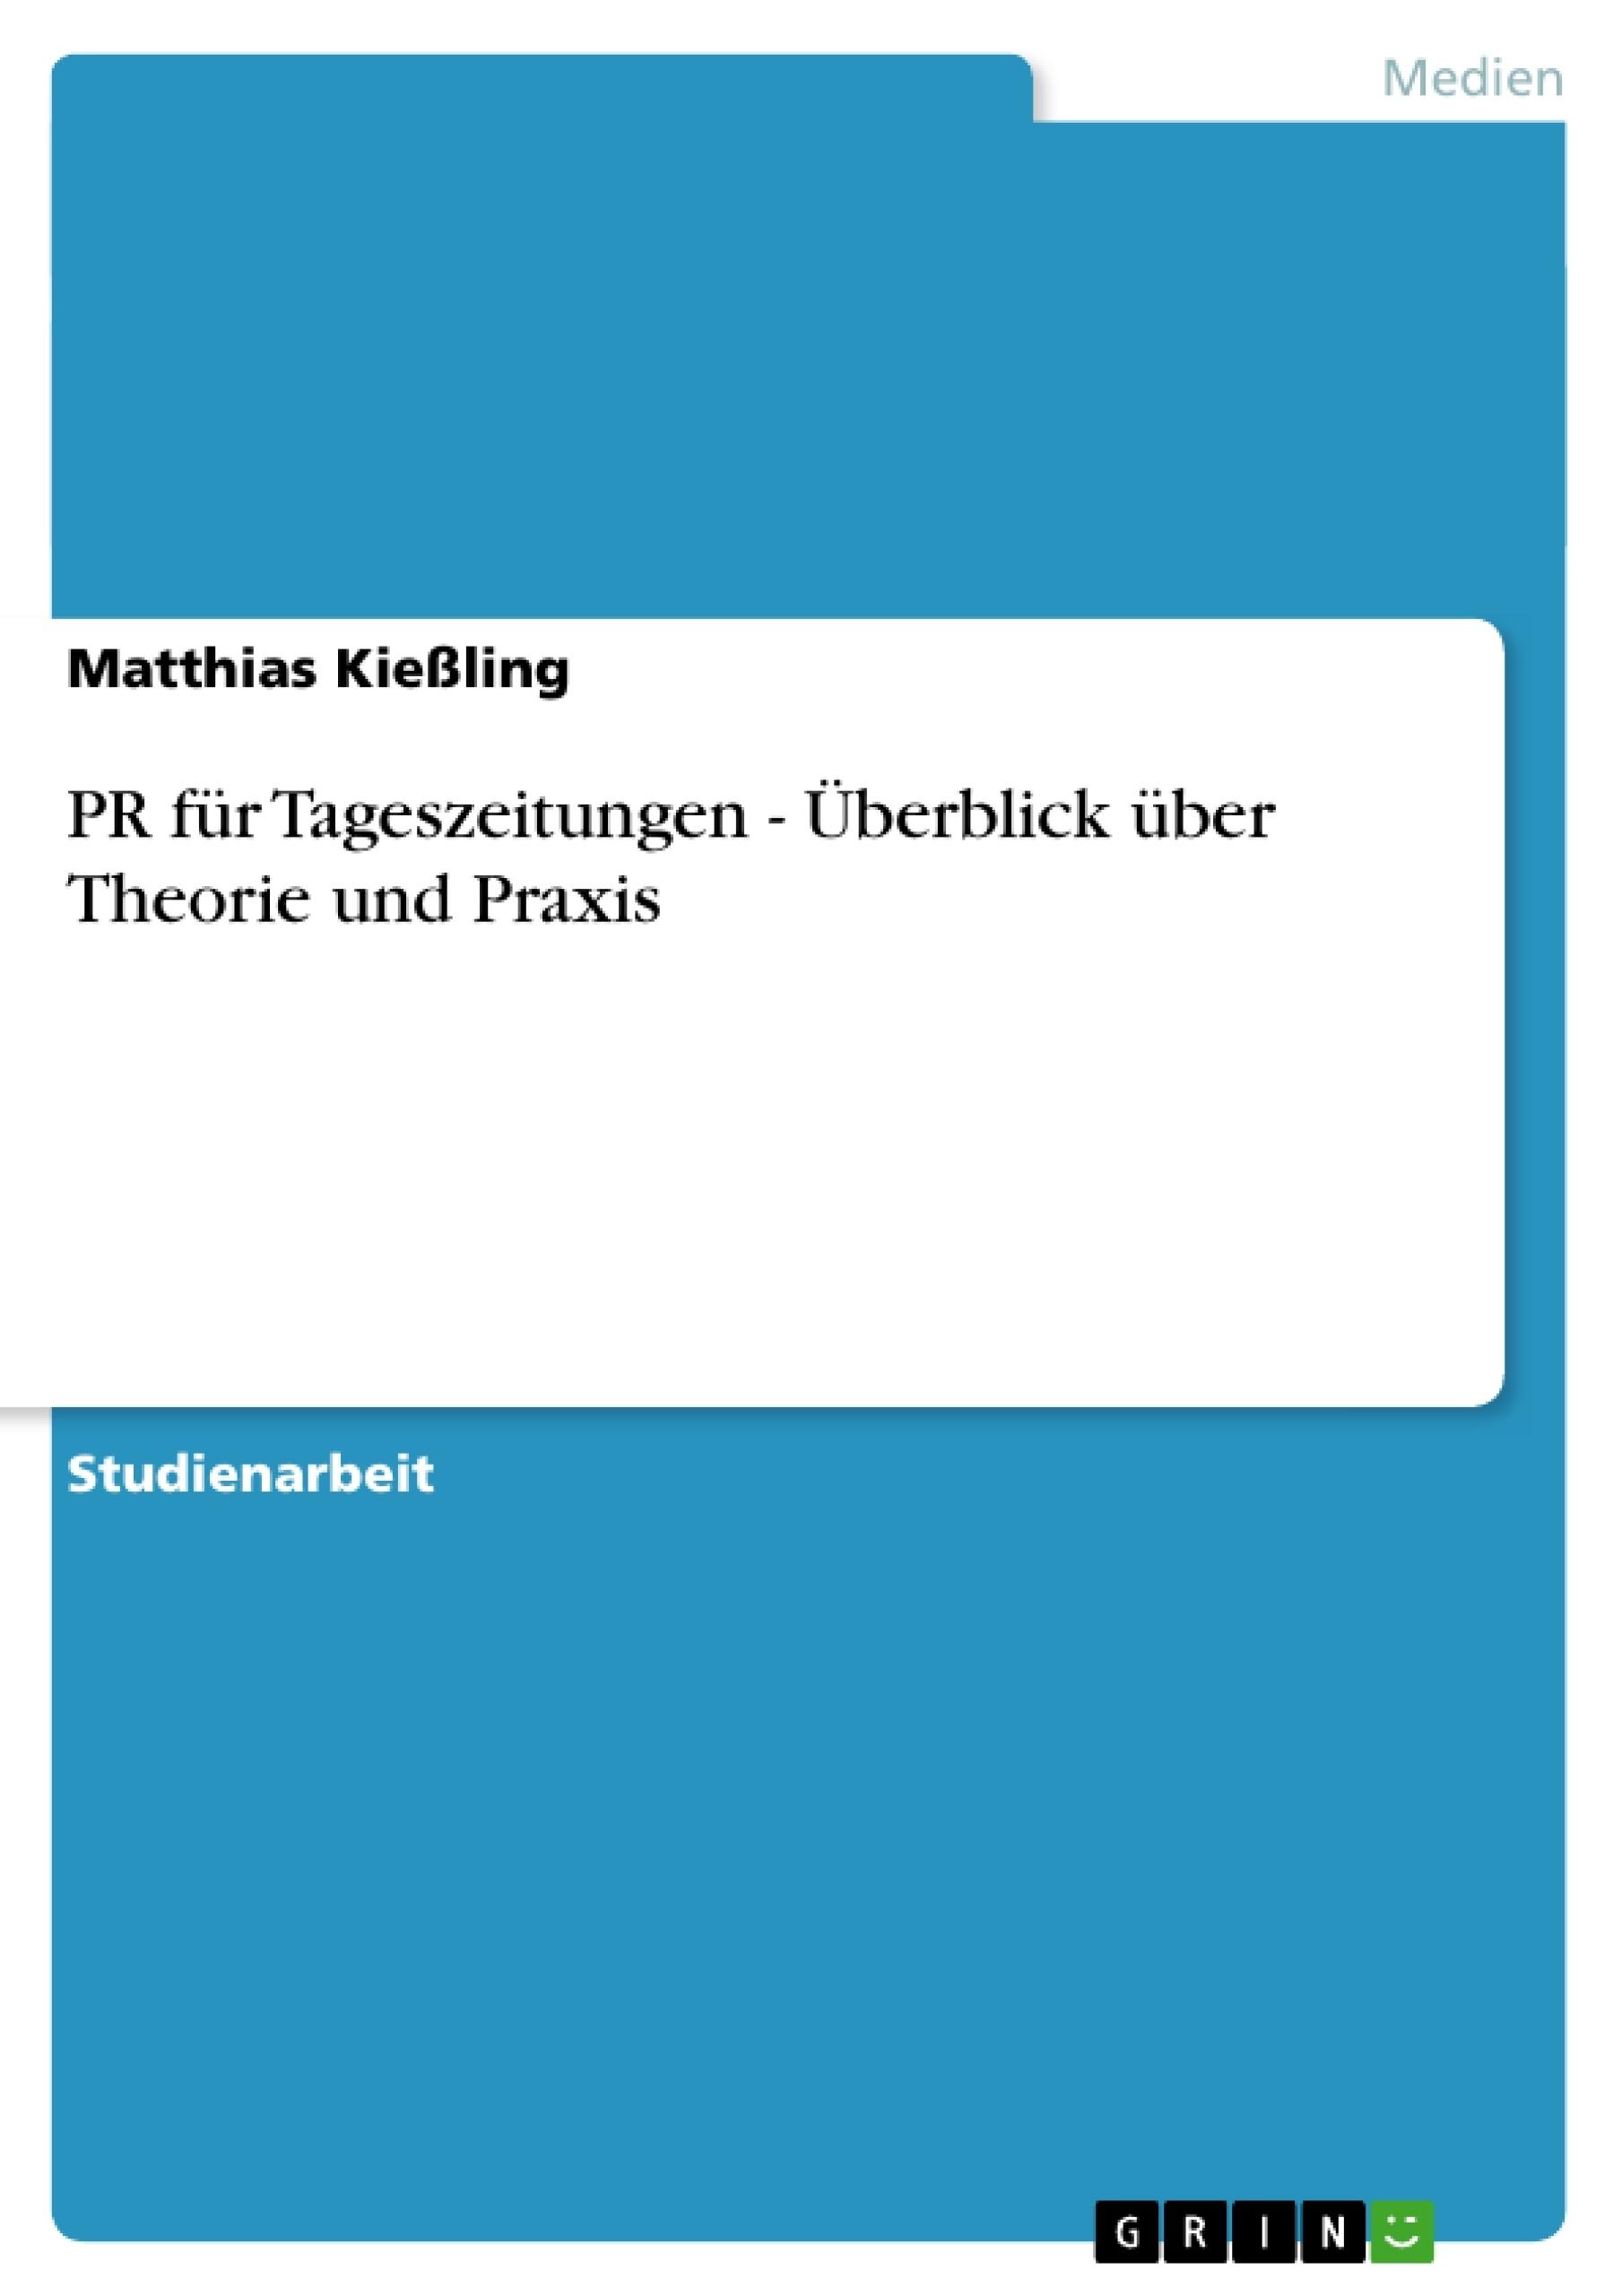 Titel: PR für Tageszeitungen - Überblick über Theorie und Praxis